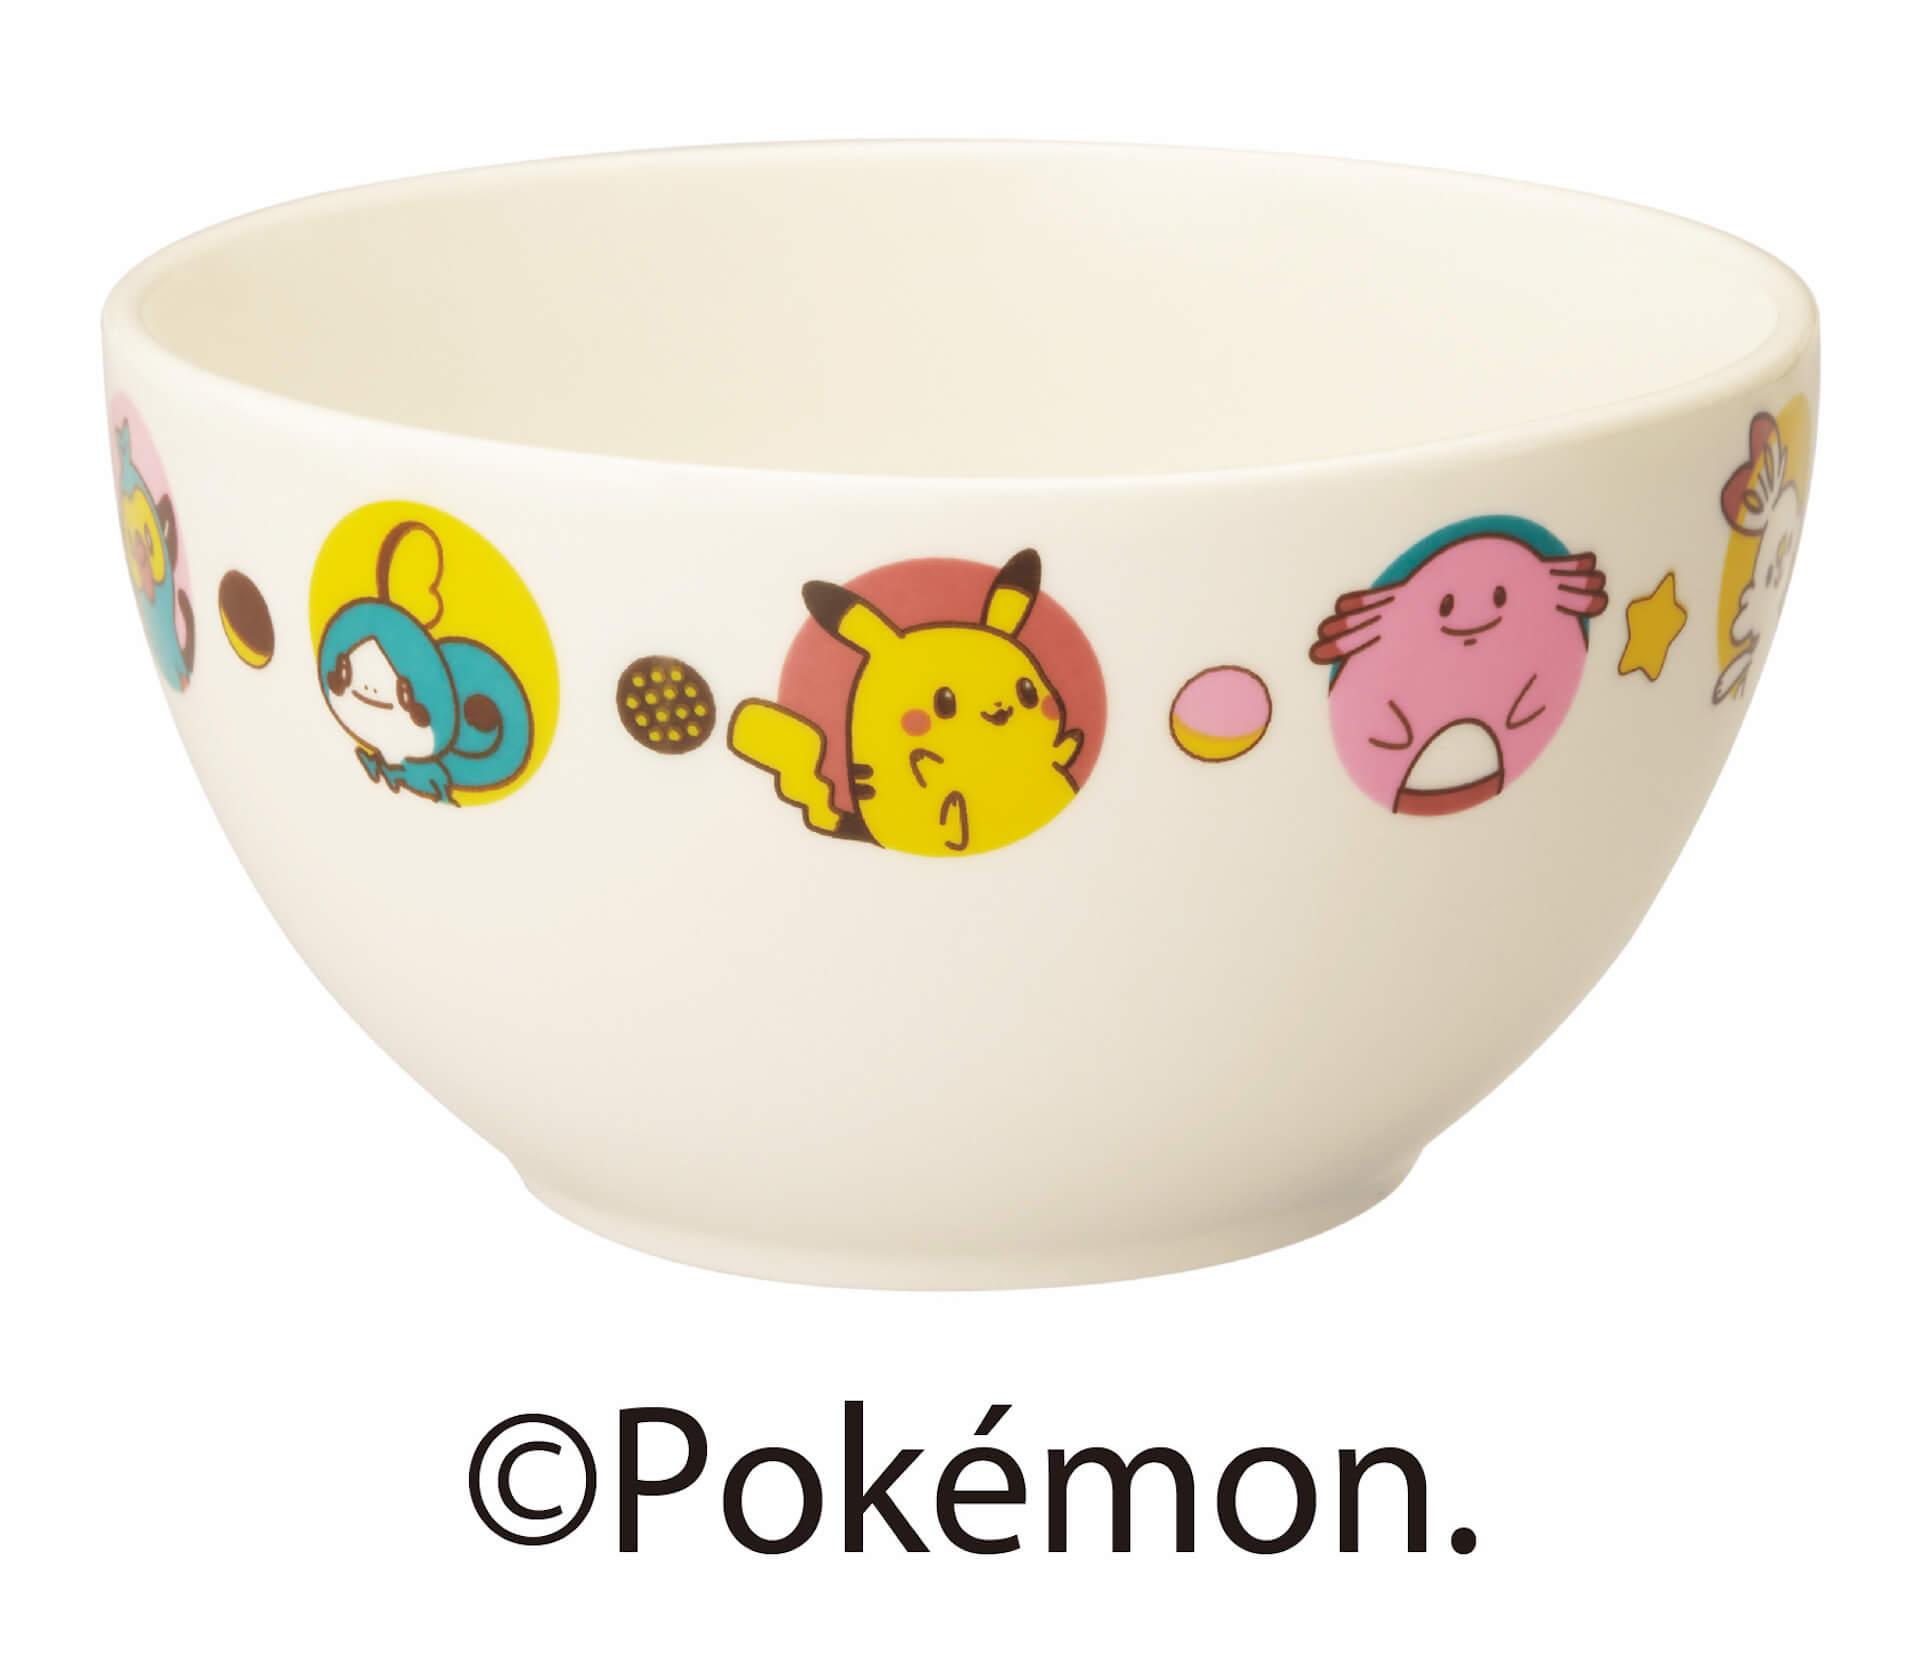 ミスドとポケモンのコラボドーナツ&グッズがついに解禁!ピカチュウ、ラッキーがドーナツに gourmet201105_misdo_pokemon_4